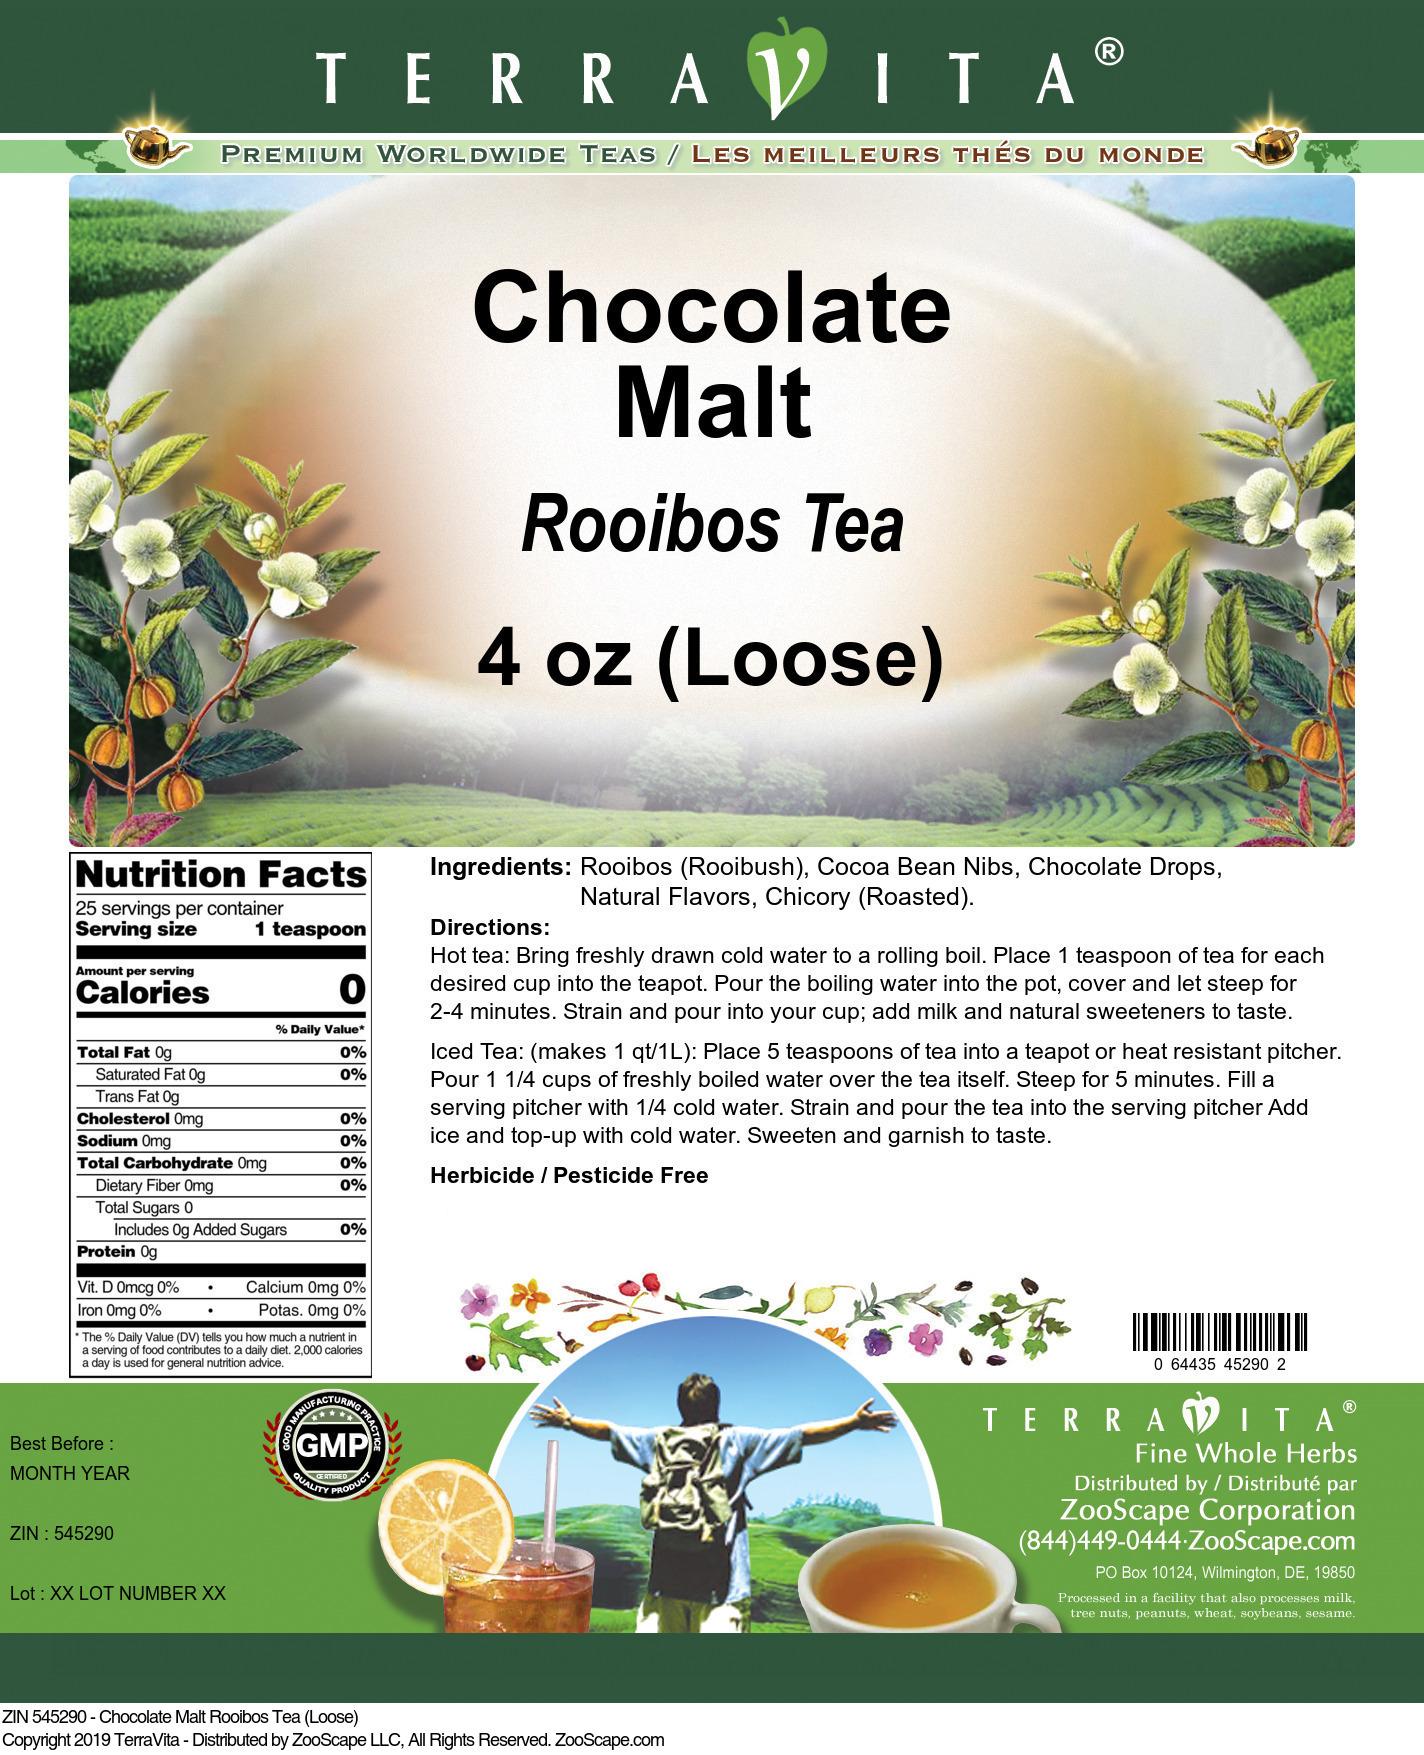 Chocolate Malt Rooibos Tea